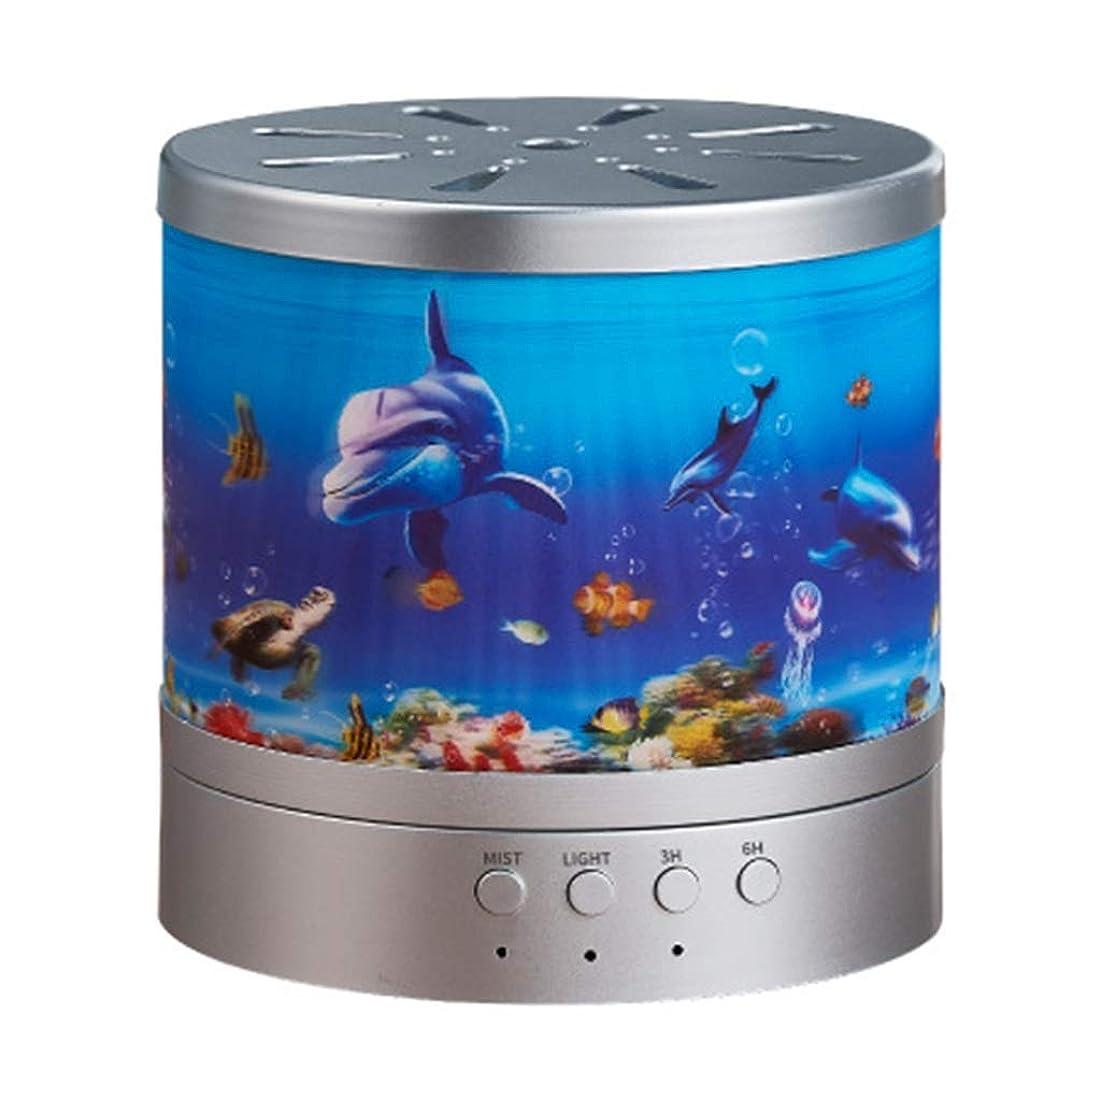 スクラッチ情緒的マングル精油のための海洋の主題の拡散器超音波涼しい霧の加湿器、水なしの自動シャットオフおよび7つの色LEDライトは内務省のために変わります (Color : Silver)